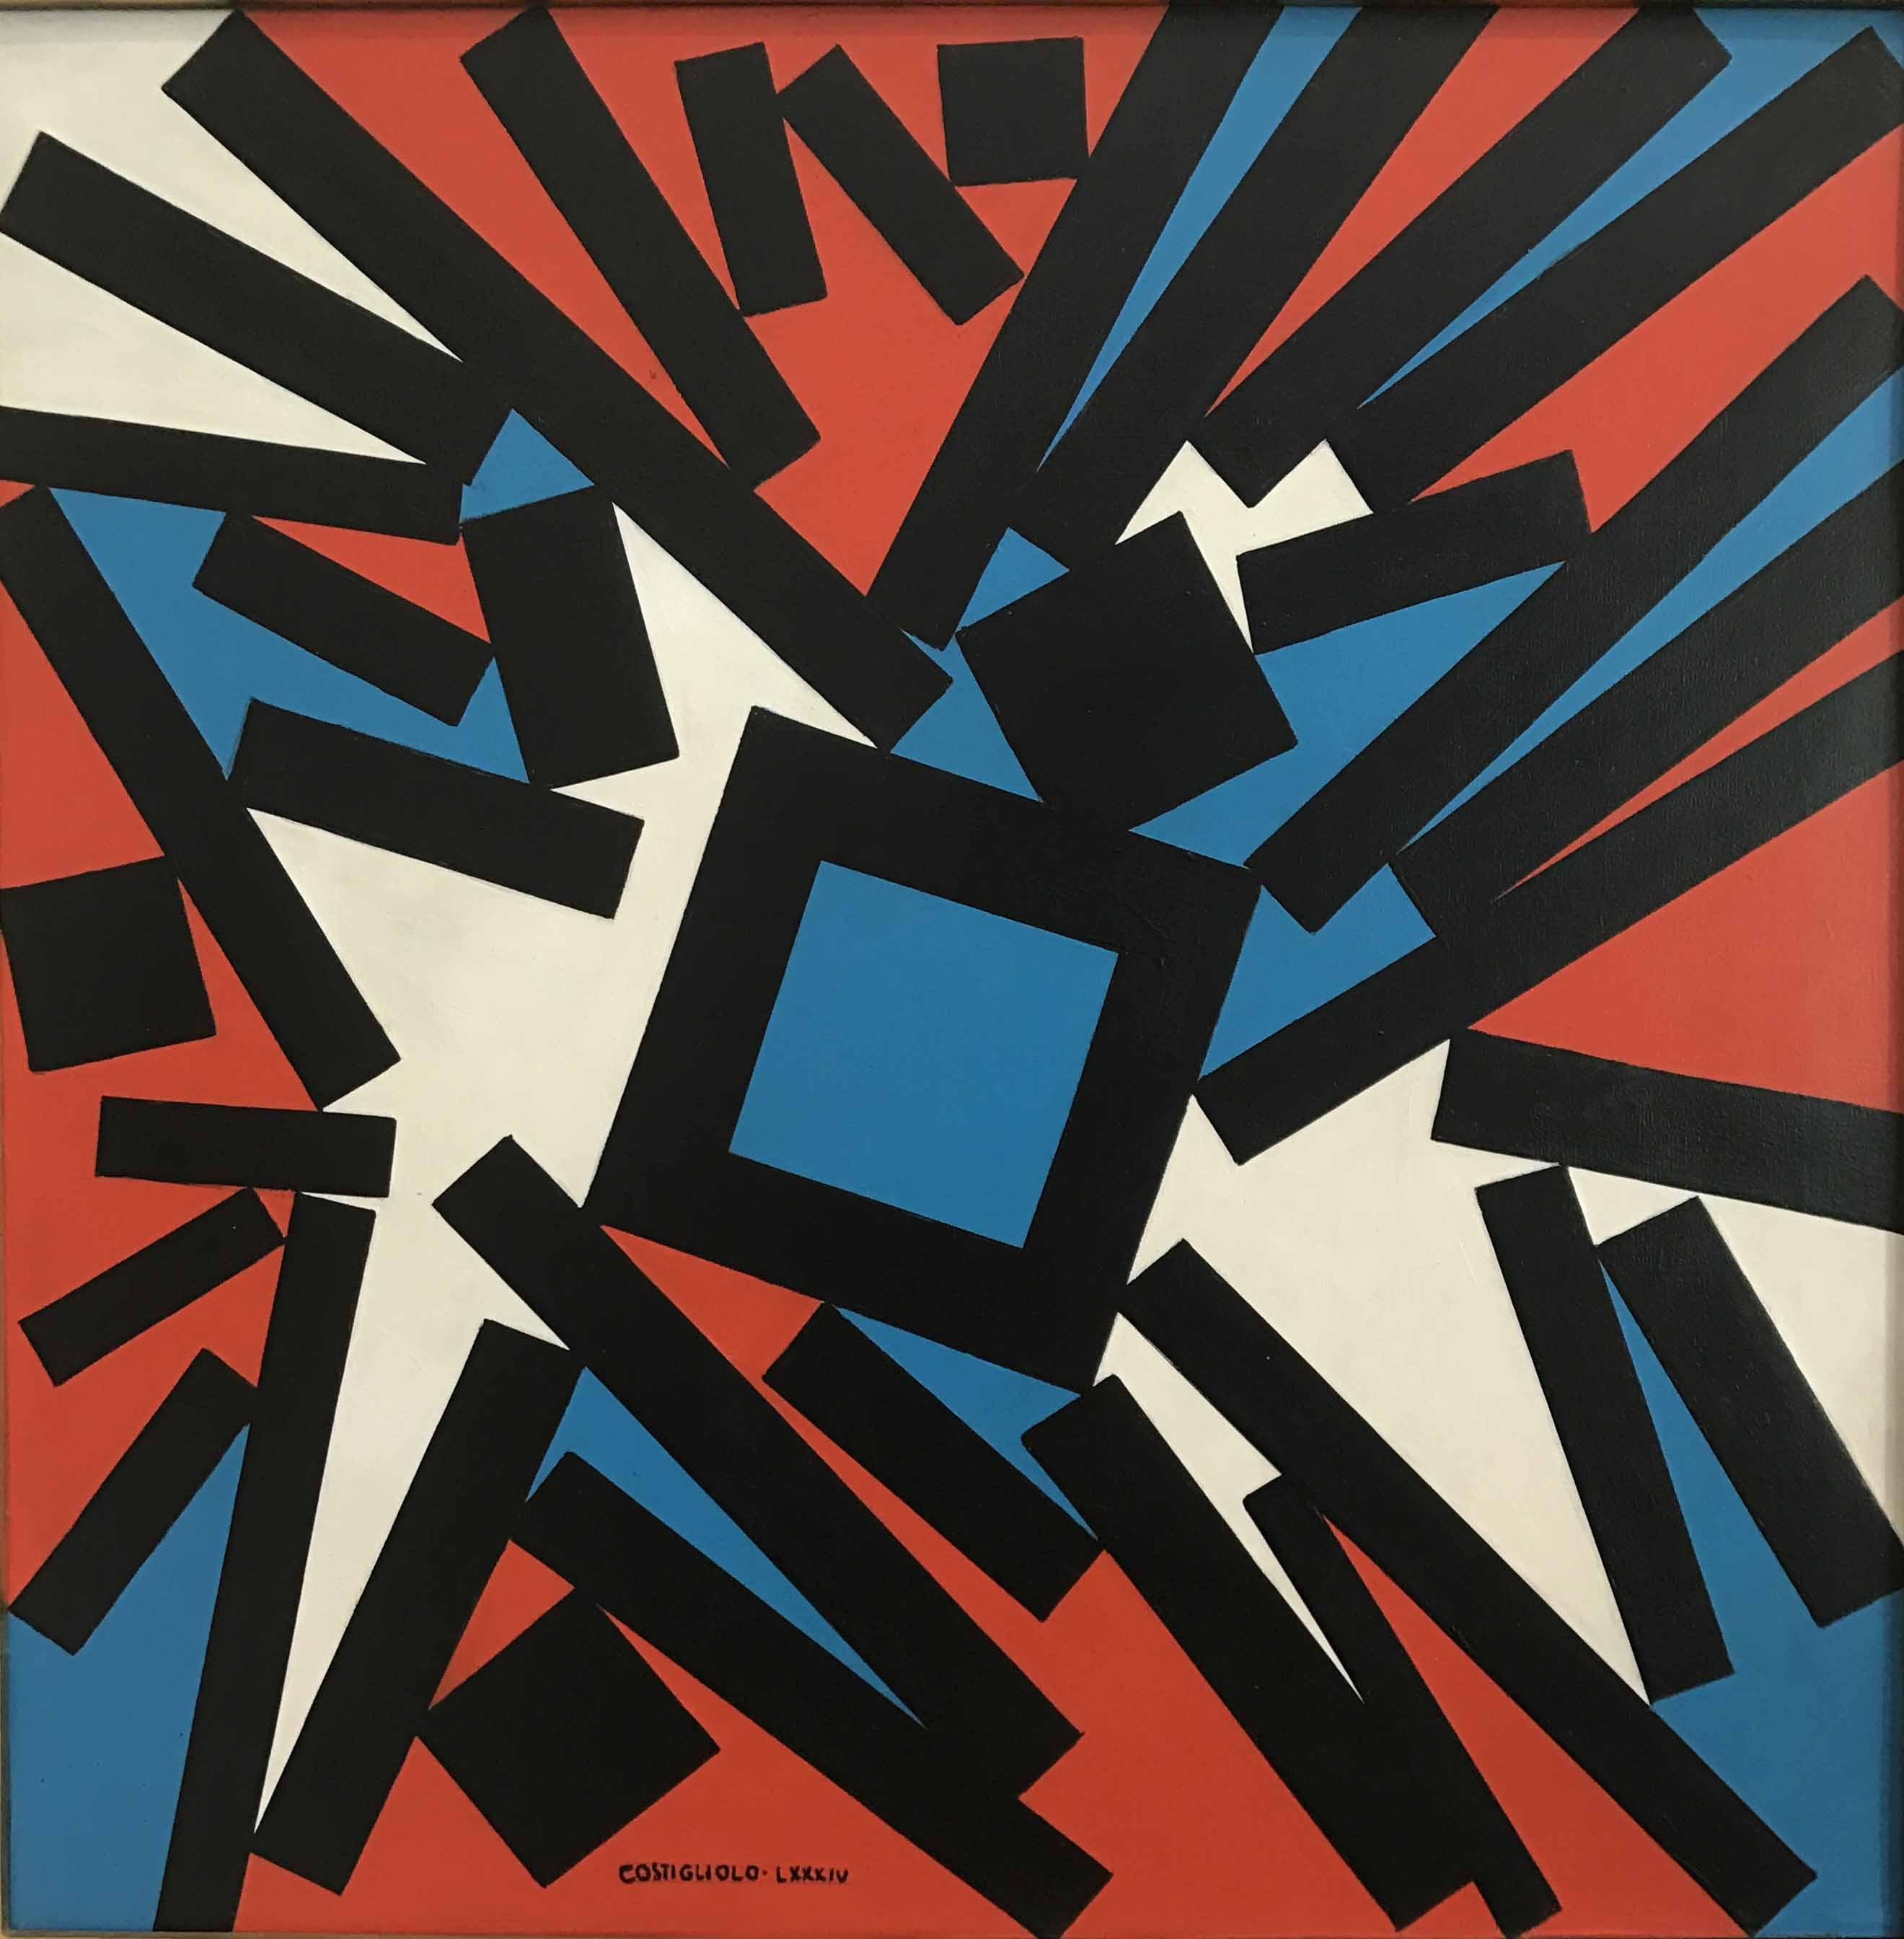 """JOSE PEDRO COSTIGLIOLO (1902 - 1985)  """"CUADRADOS Y RECTANGULOS""""  Acrílico sobre tela; 60 x 60 cm.  Firmado y fechado LXXXIV abajo en el centro  Al dorso  Firmado y fechado 1984, titulado y medido. POR CONSULTAS DE PRECIOS, CONTACTE LA GALERIA. FOR PRICE´S ENQUIRIES, PLEASE CONTACT THE GALLERY."""